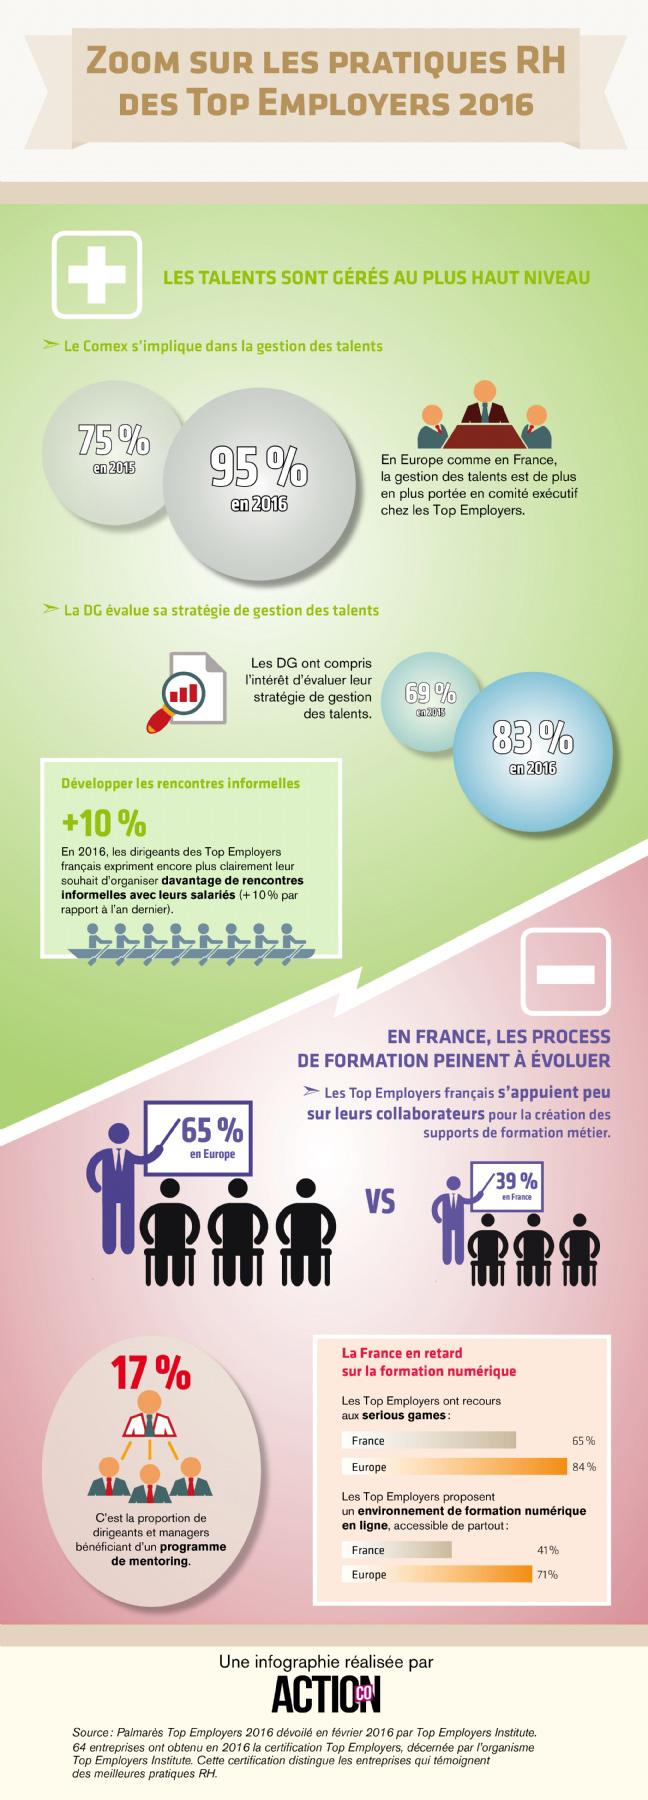 Infographie sur les pratiques RH des Top Employers 2016